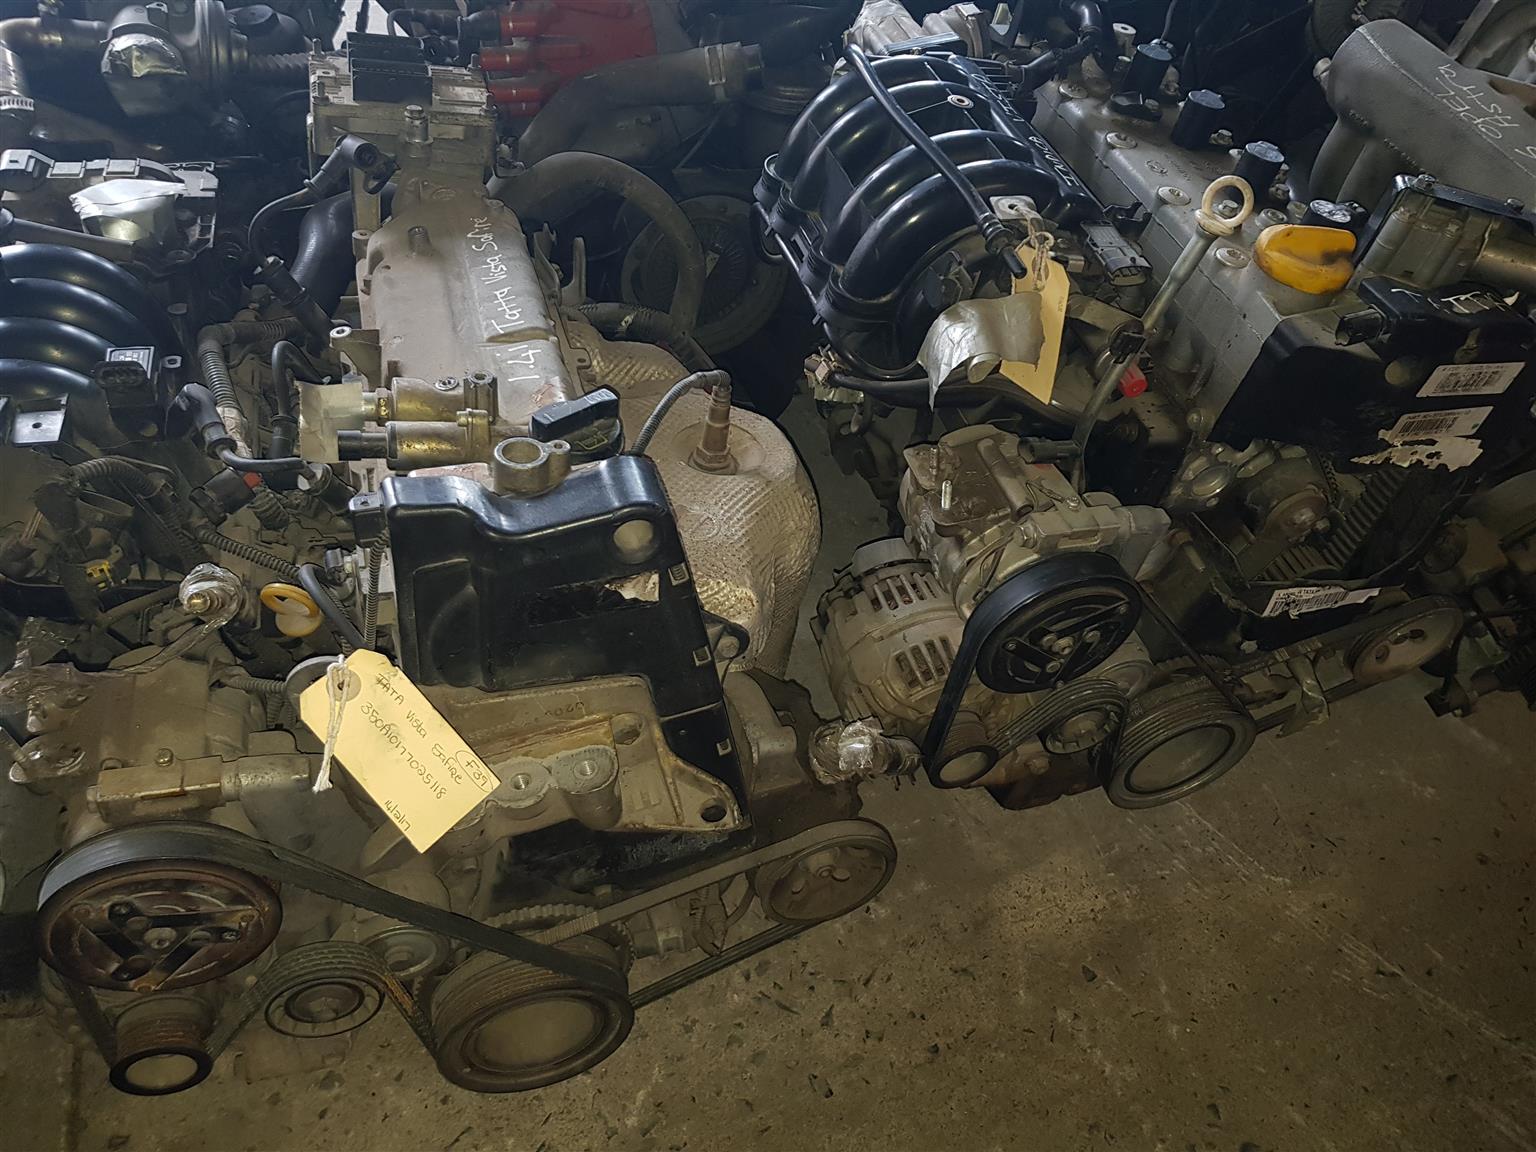 Tata Visita Safire 1 4i and Tata Indigo 1 4 engines for sale